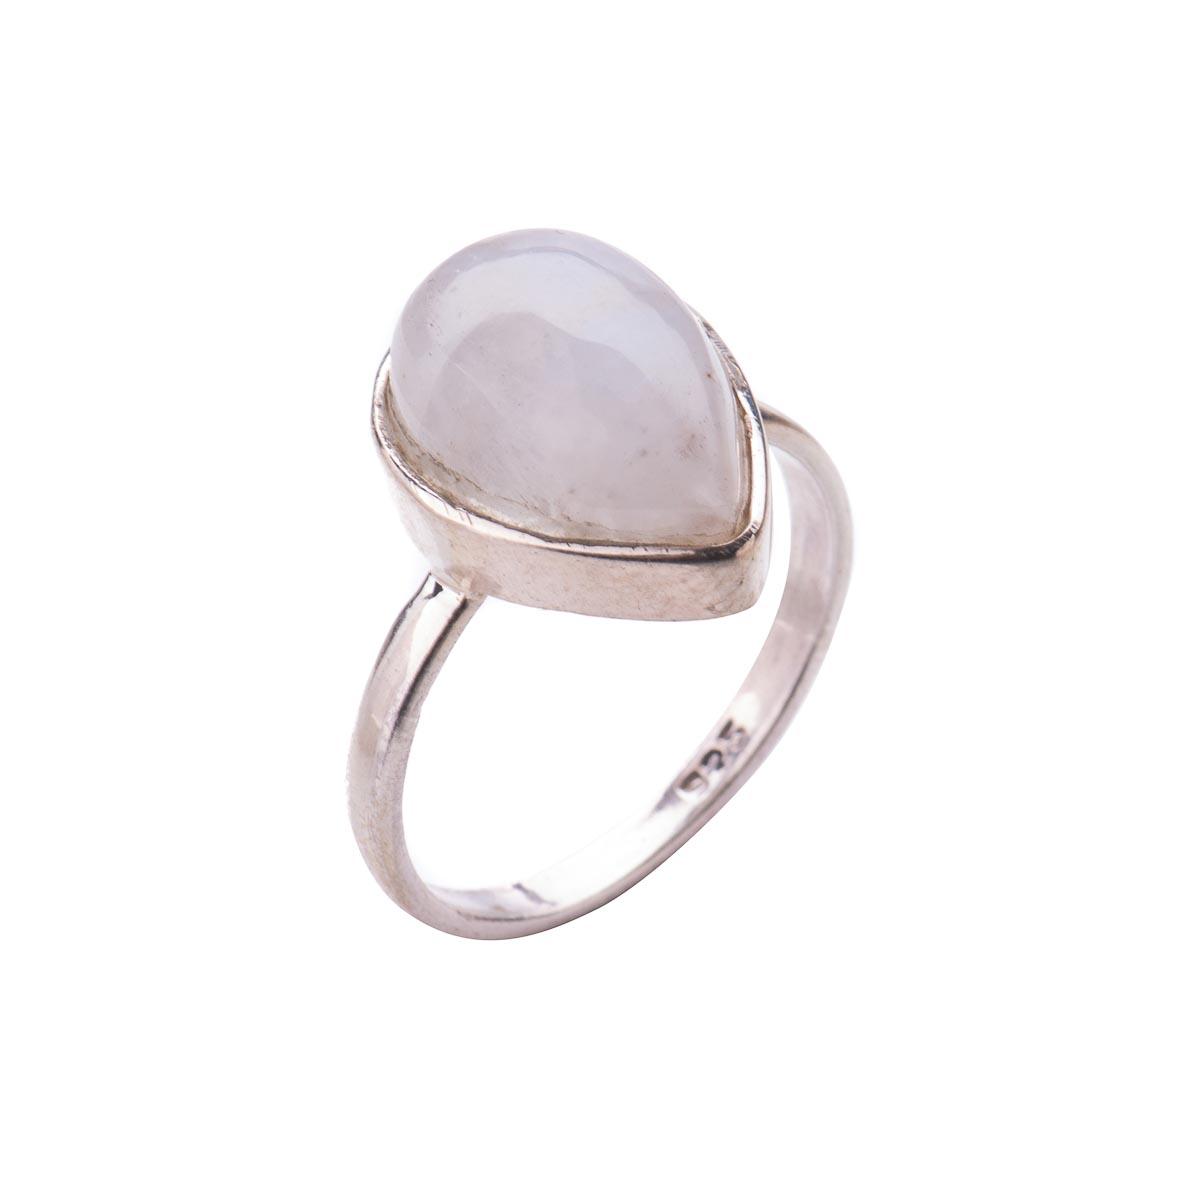 Комплект украшений  с натуральным адуляром (лунный камень) из серебра